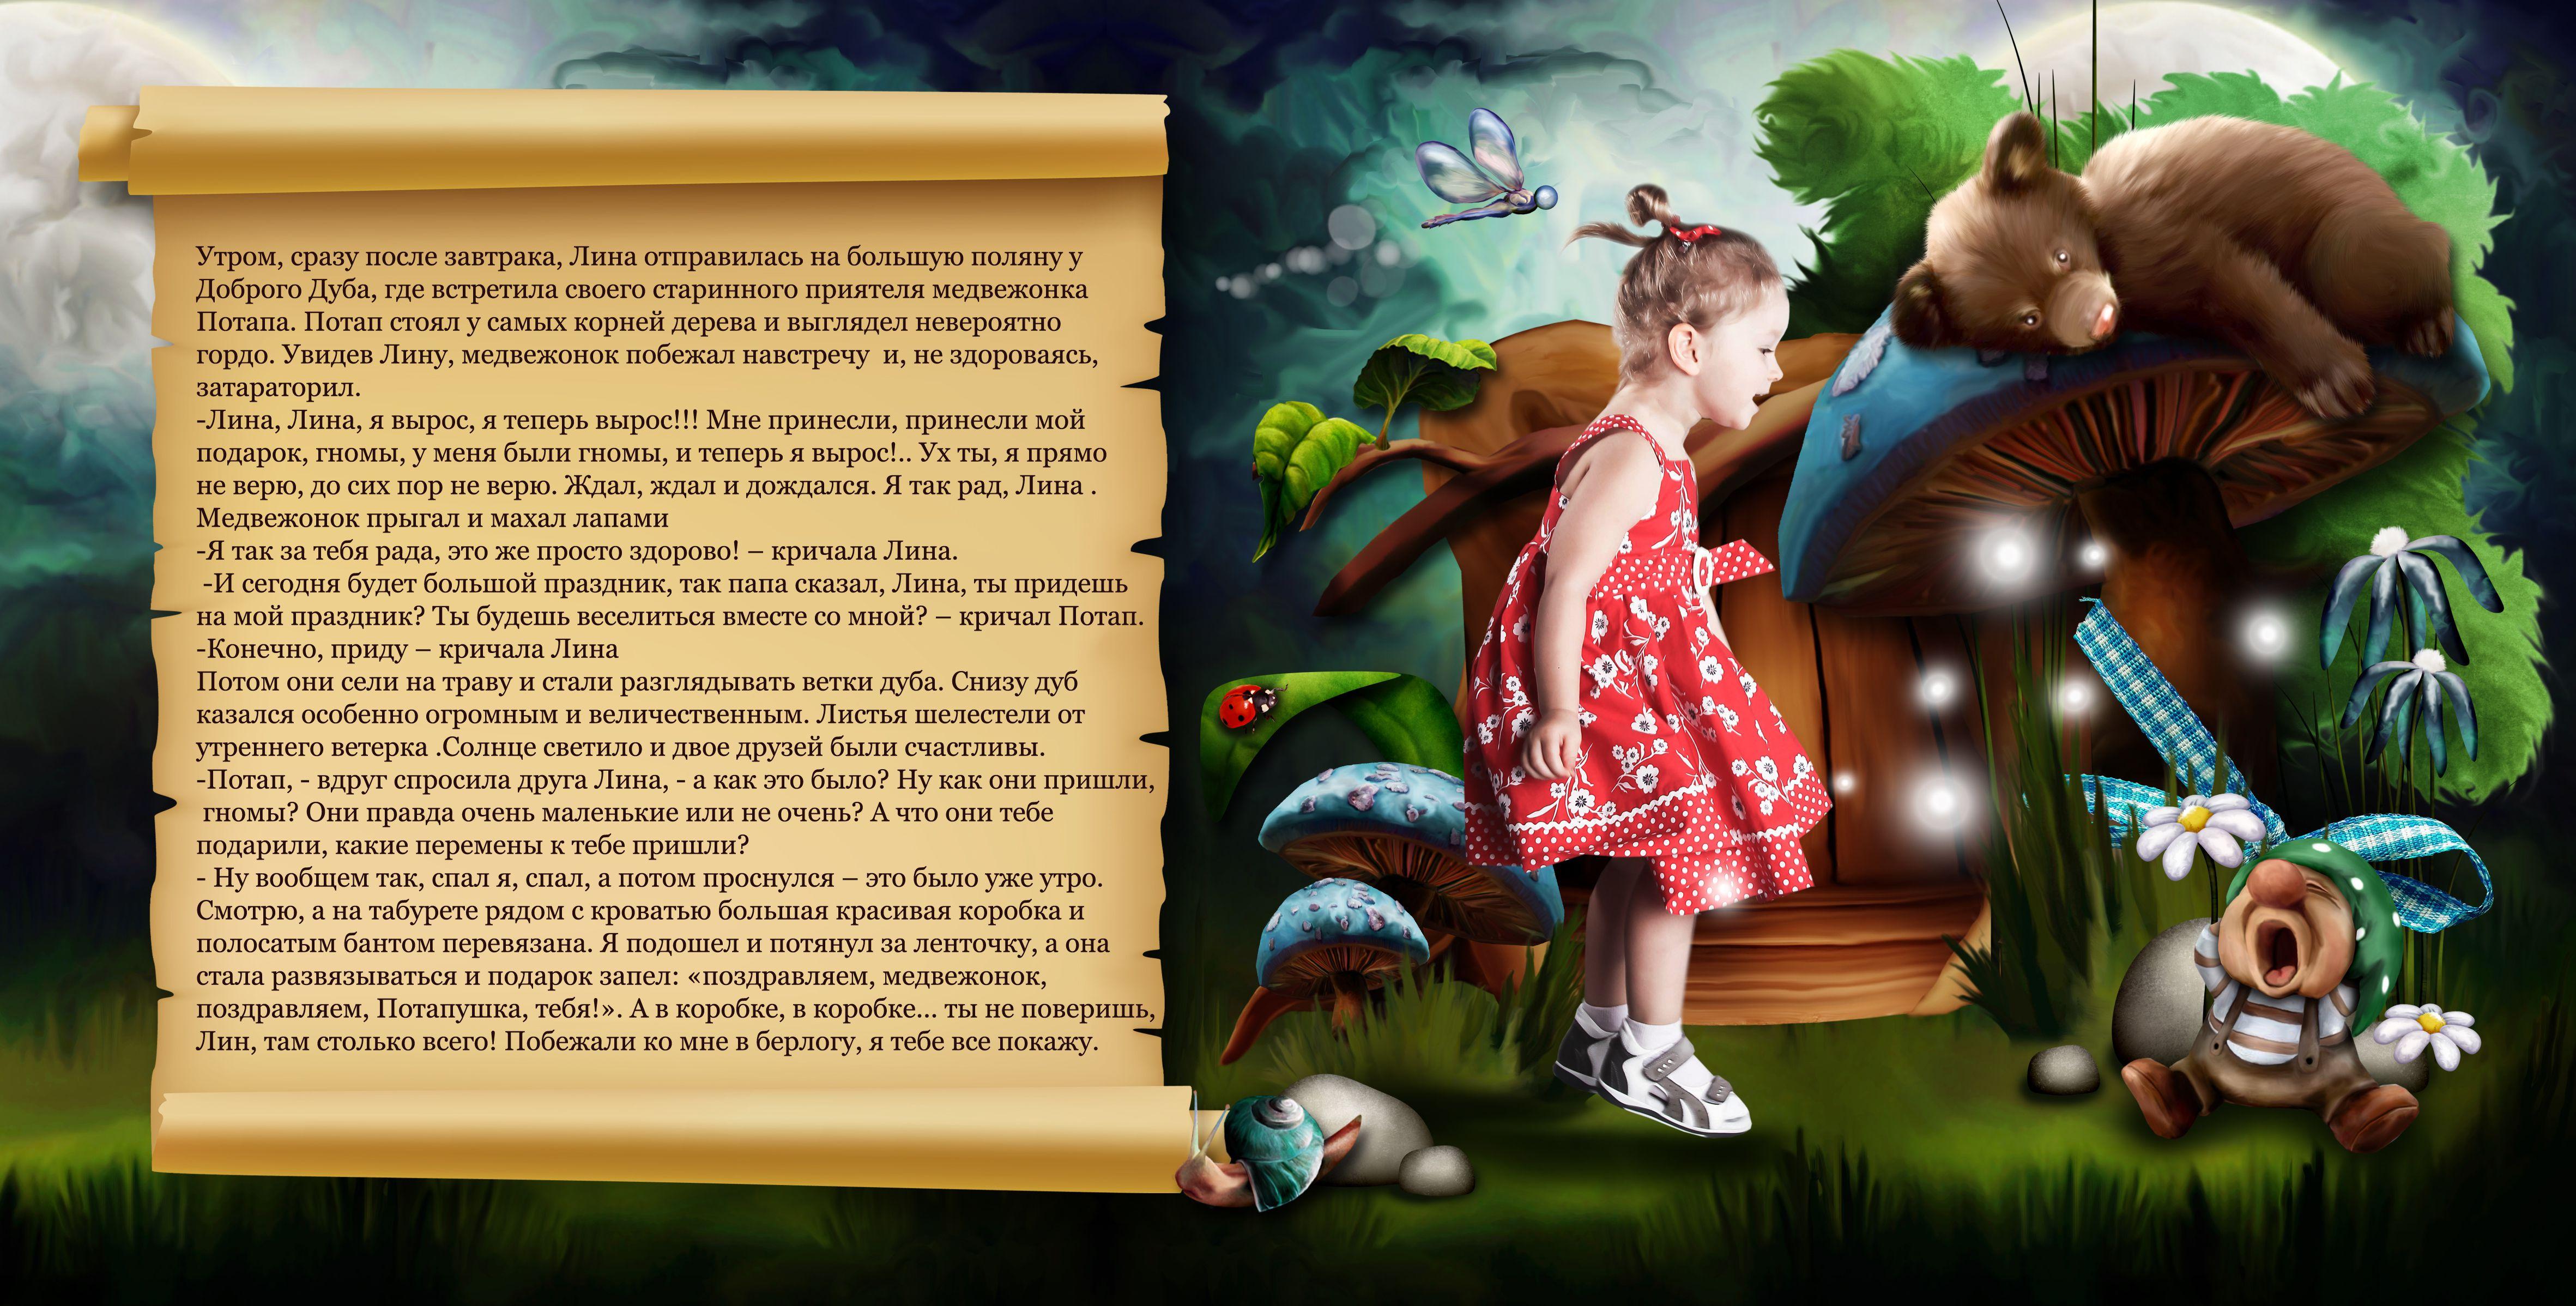 Сказка про ребенка с его фото